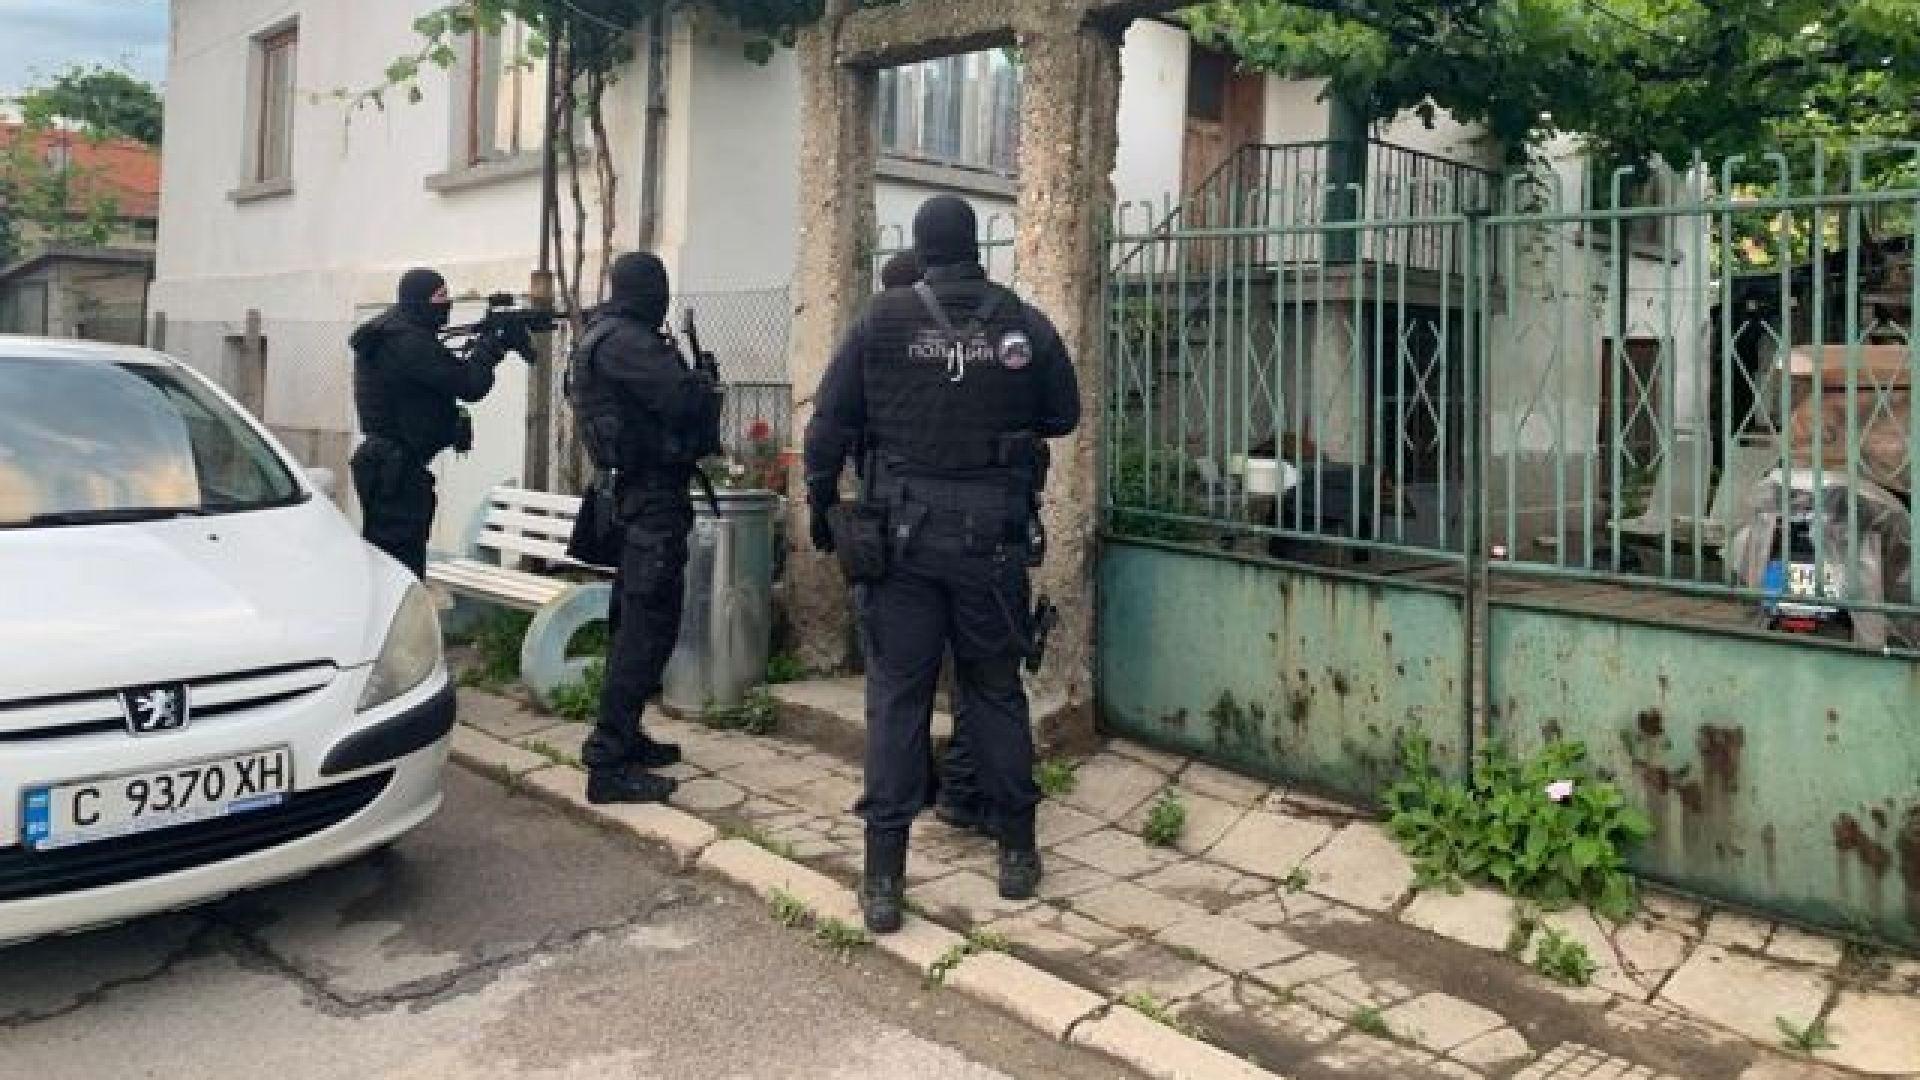 Има задържани при спецоперация на прокуратурата за кражби, извършени в Италия (снимки/видео)